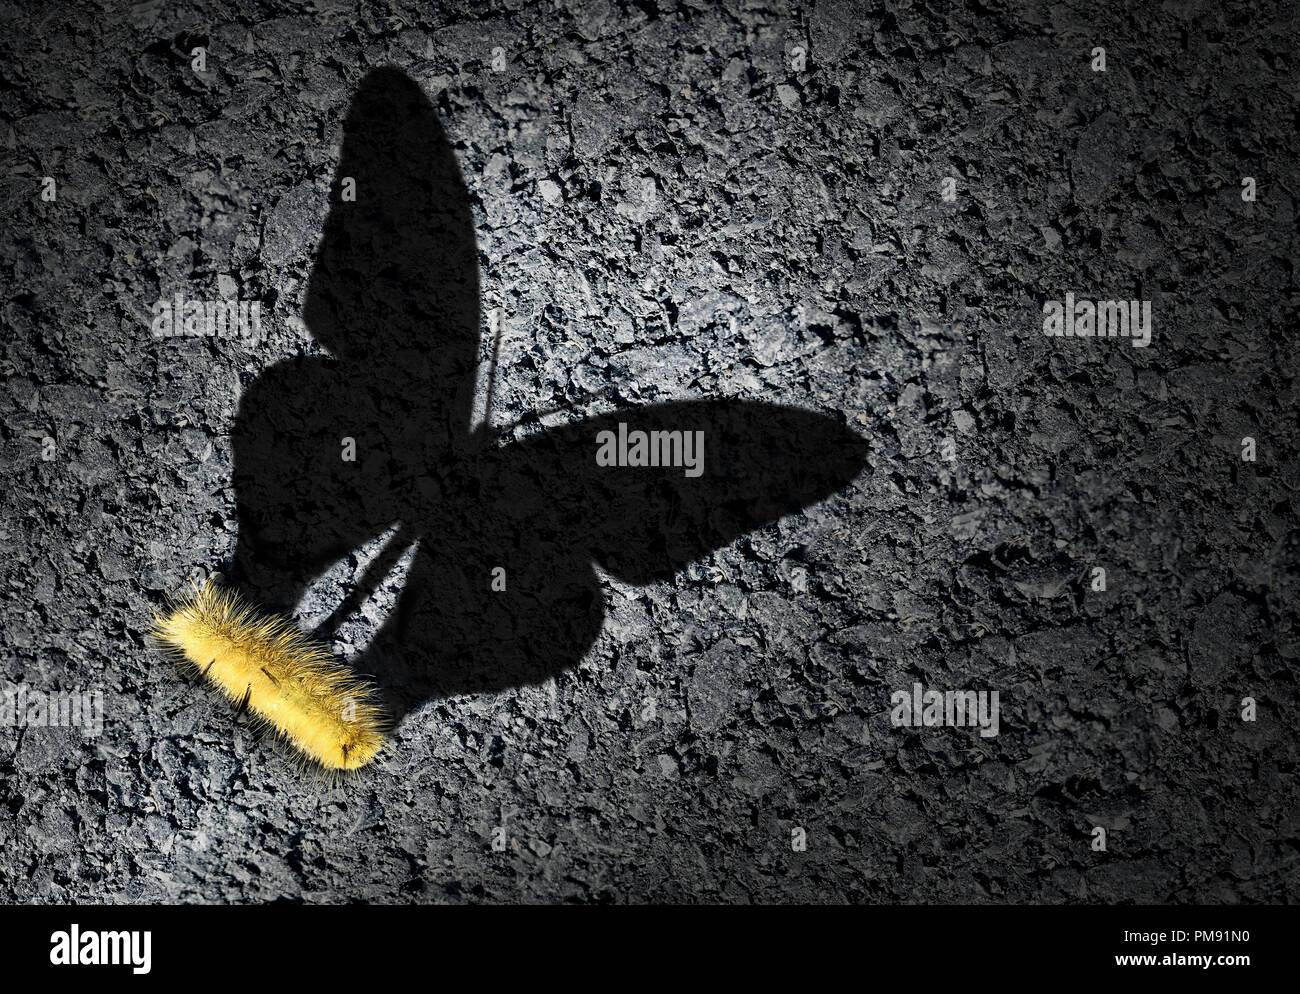 Concetto di aspirazione e ambizione idea come un bruco getta un' ombra di odf una farfalla come una conquista e di speranza per il futuro successo. Immagini Stock